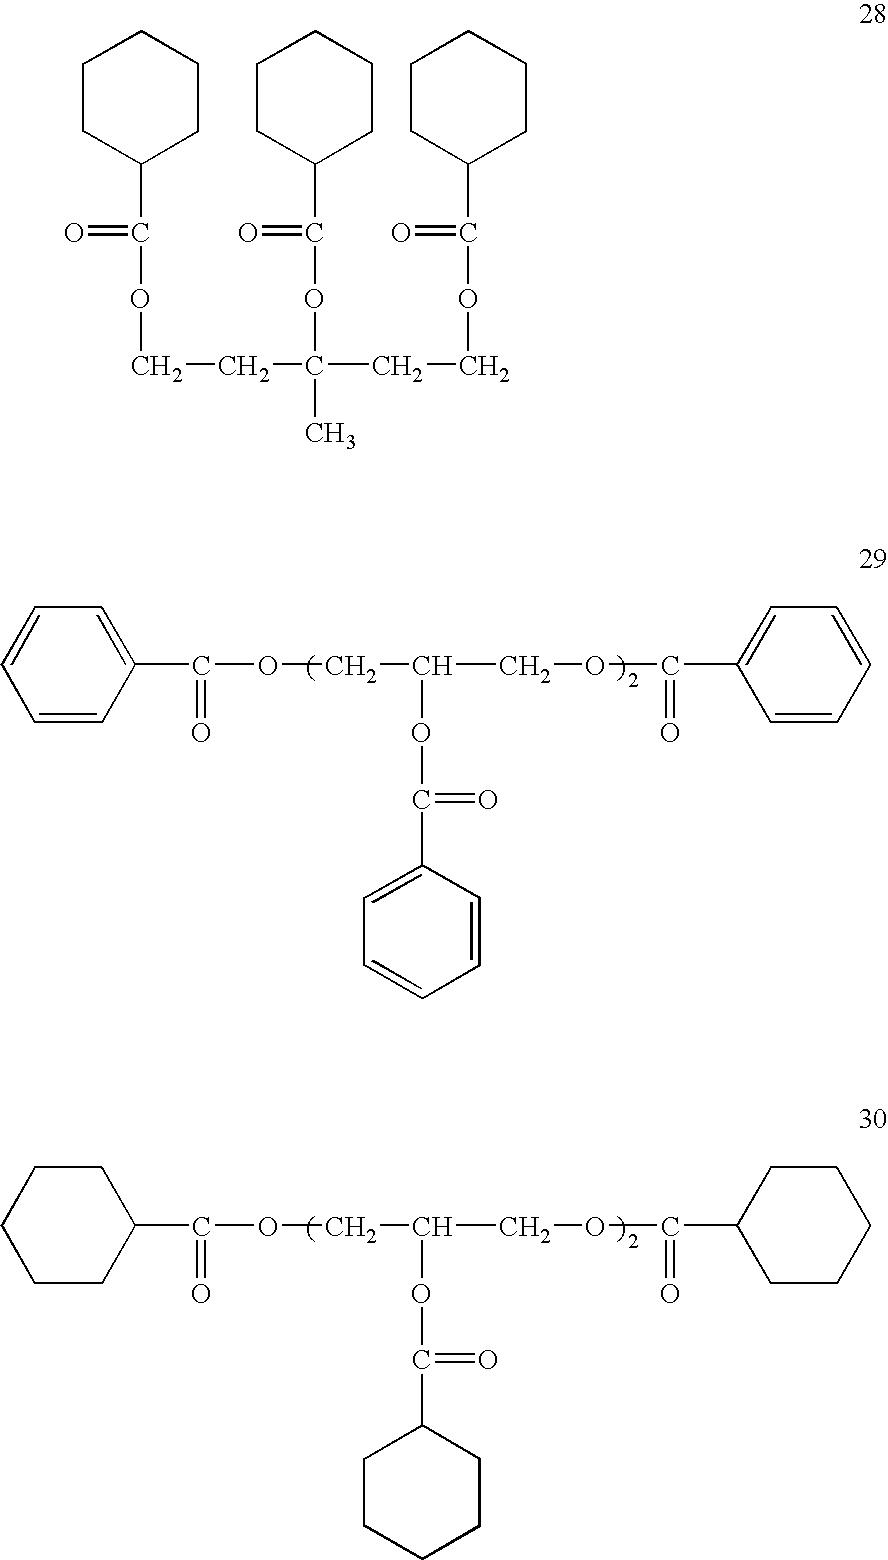 Figure US20060227695A1-20061012-C00016